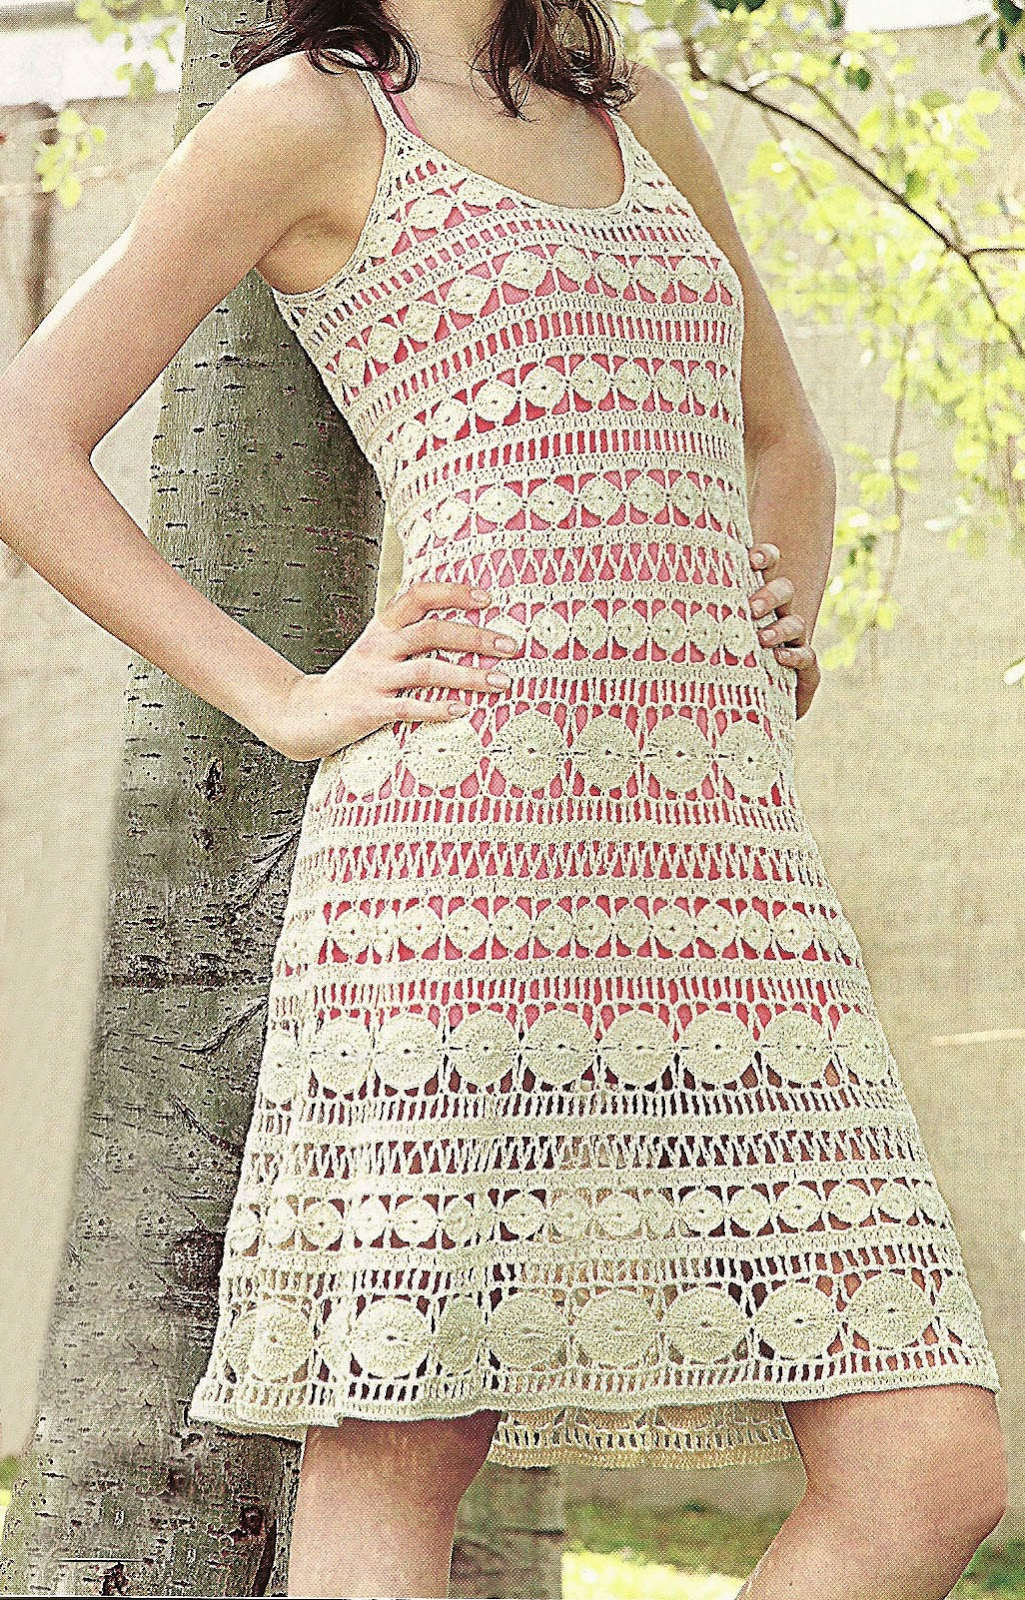 tejidos al crochet paso a paso con diagramas: vestido tejido en ...